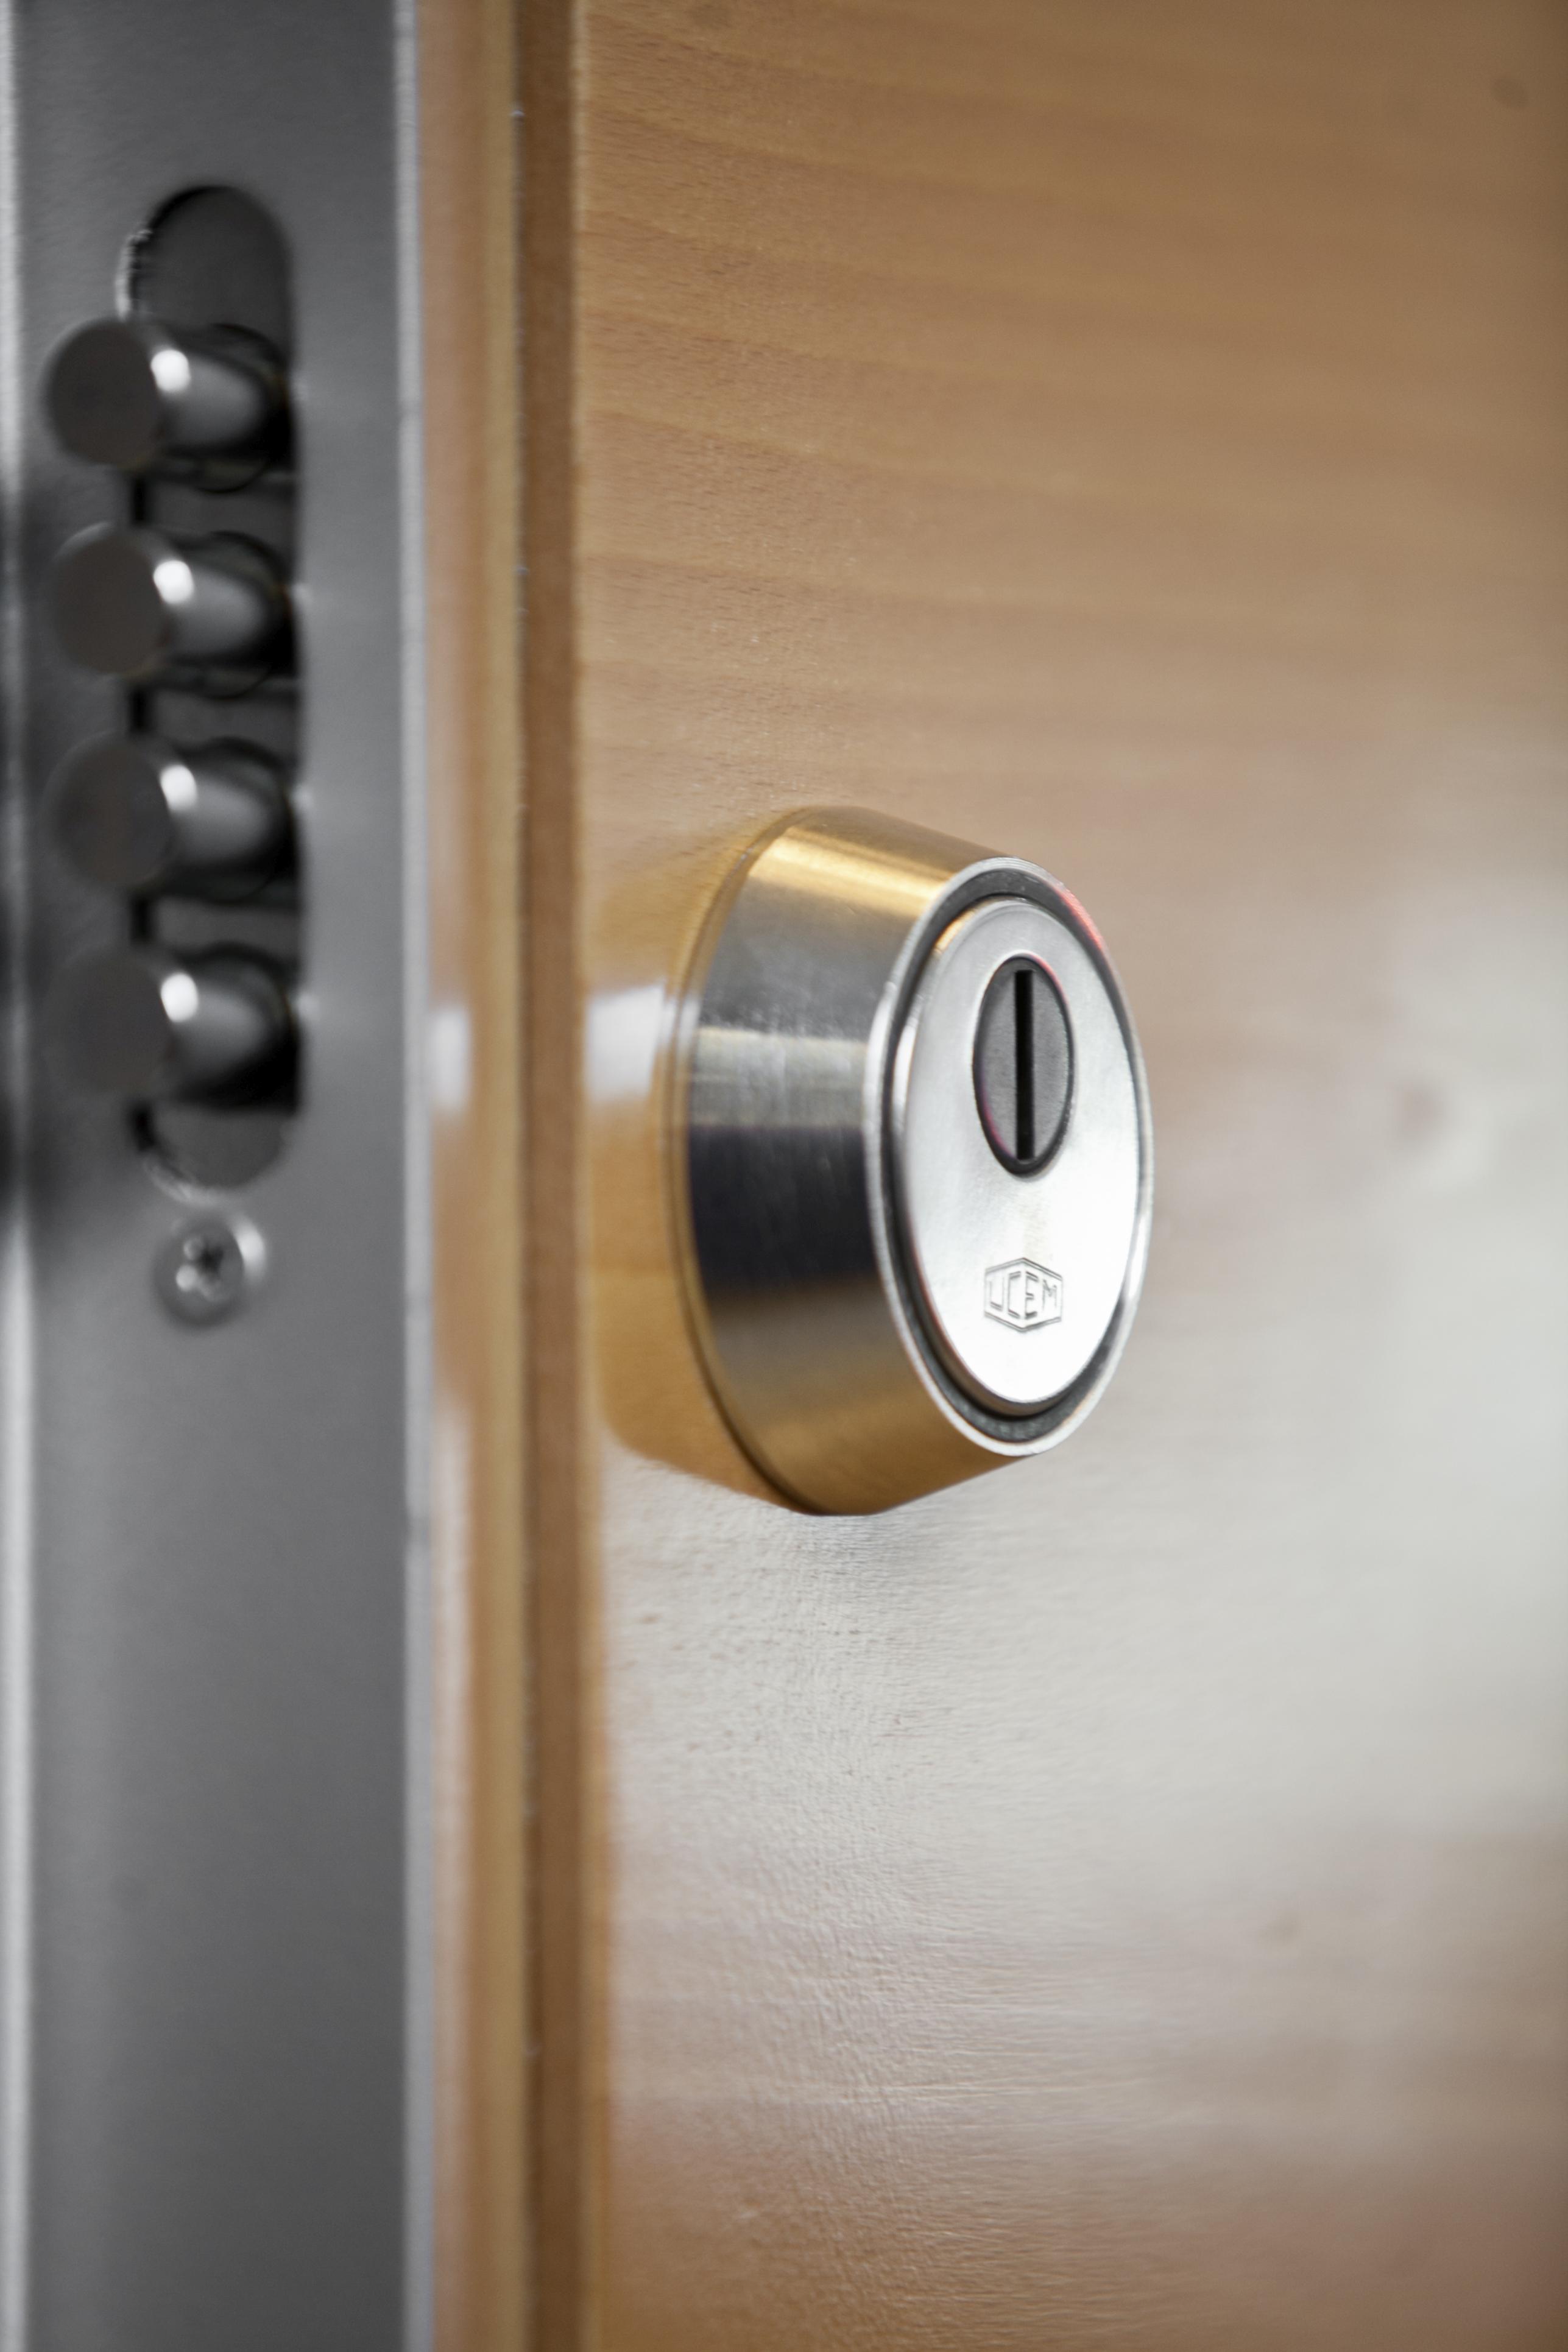 Puerta acorazada precio 709 euros roconsa - Precio puerta seguridad ...